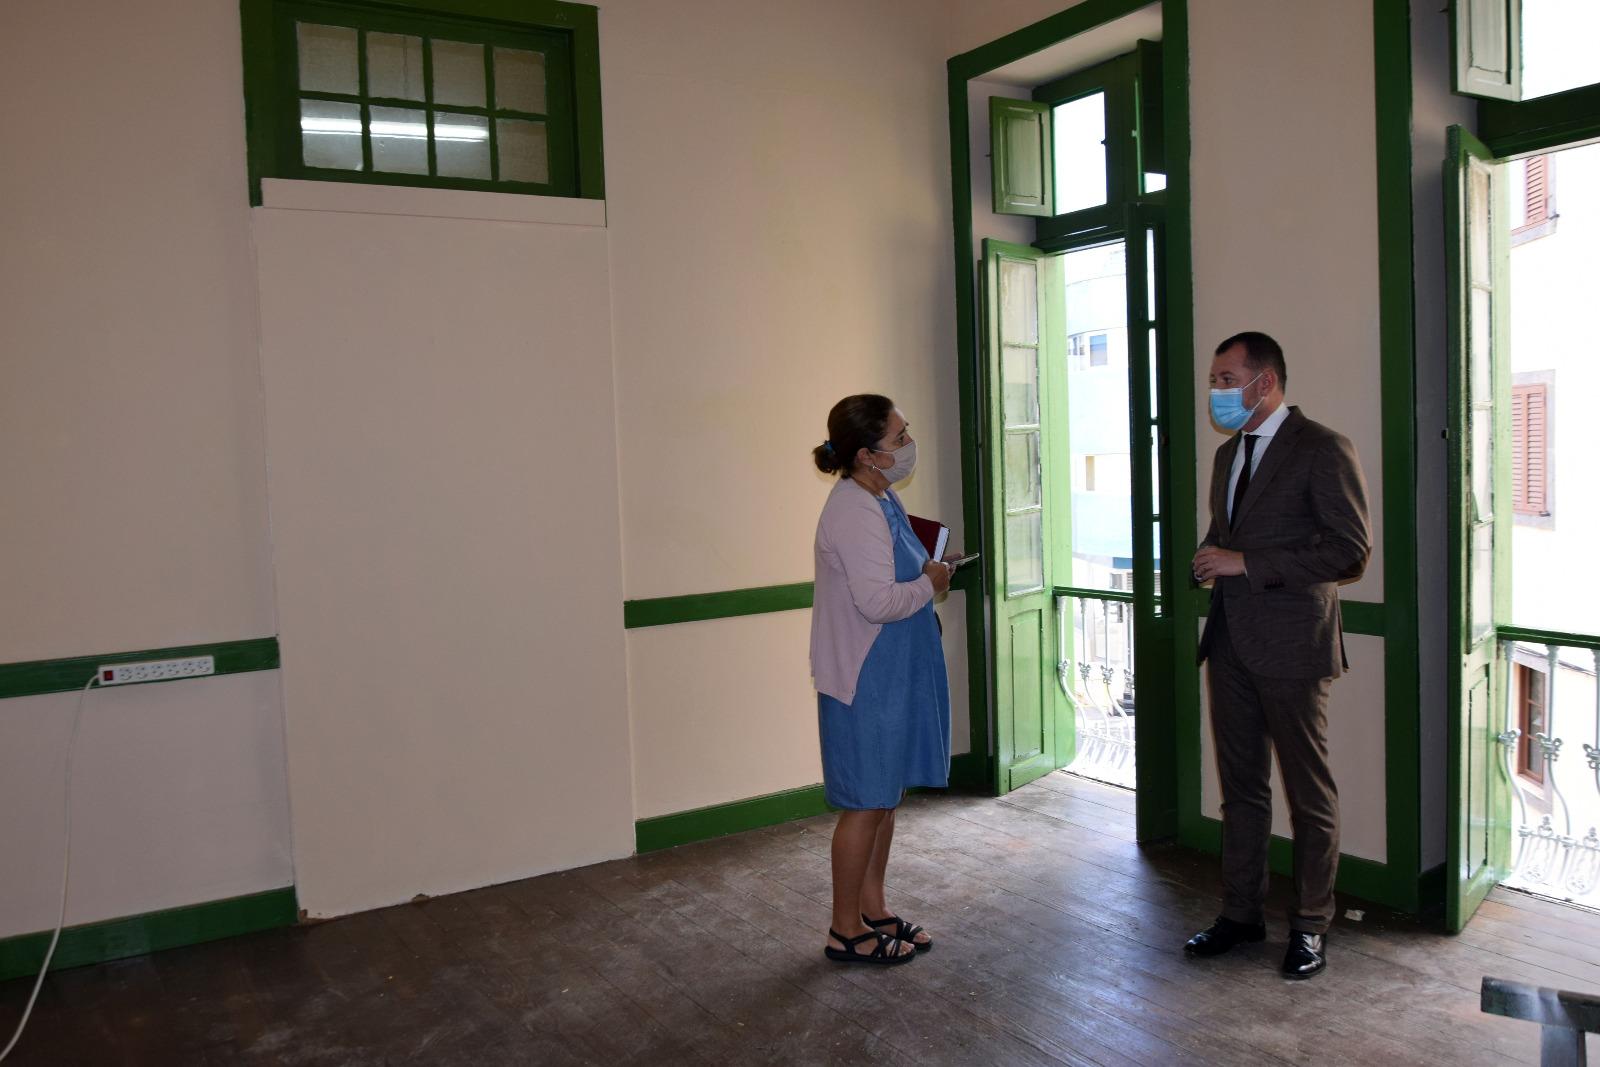 Gáldar remodela el antiguo conservatorio para albergar la sede de los grupos políticos y sindicatos